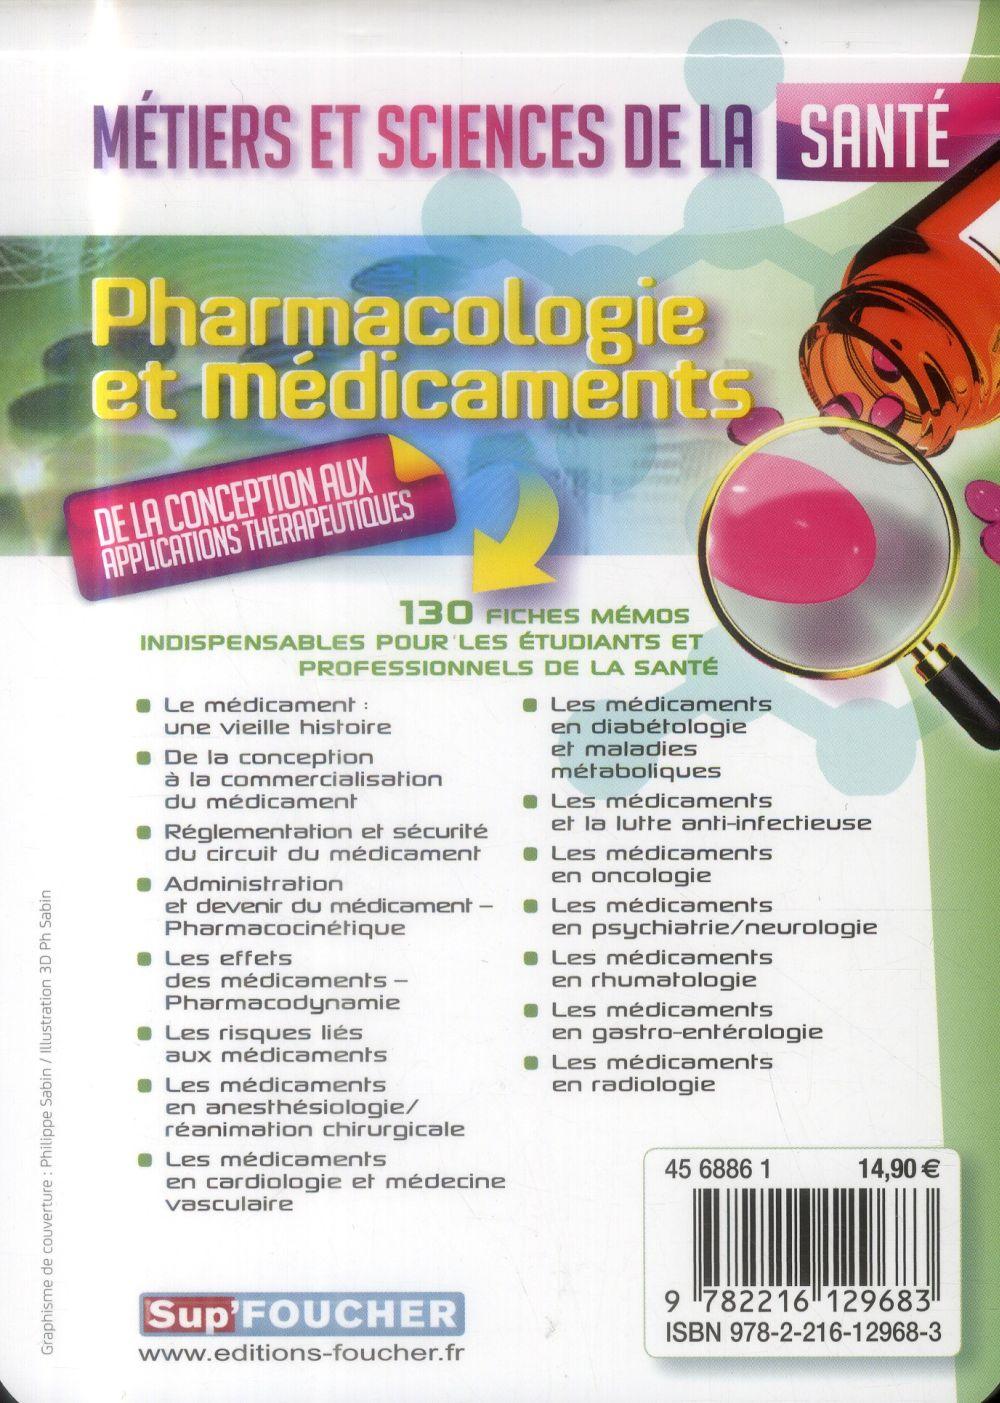 Sup Foucher Pharmacologie Et Medicaments Metiers Et Sciences De La Sante A Le Texier Foucher Grand Format Le Hall Du Livre Nancy